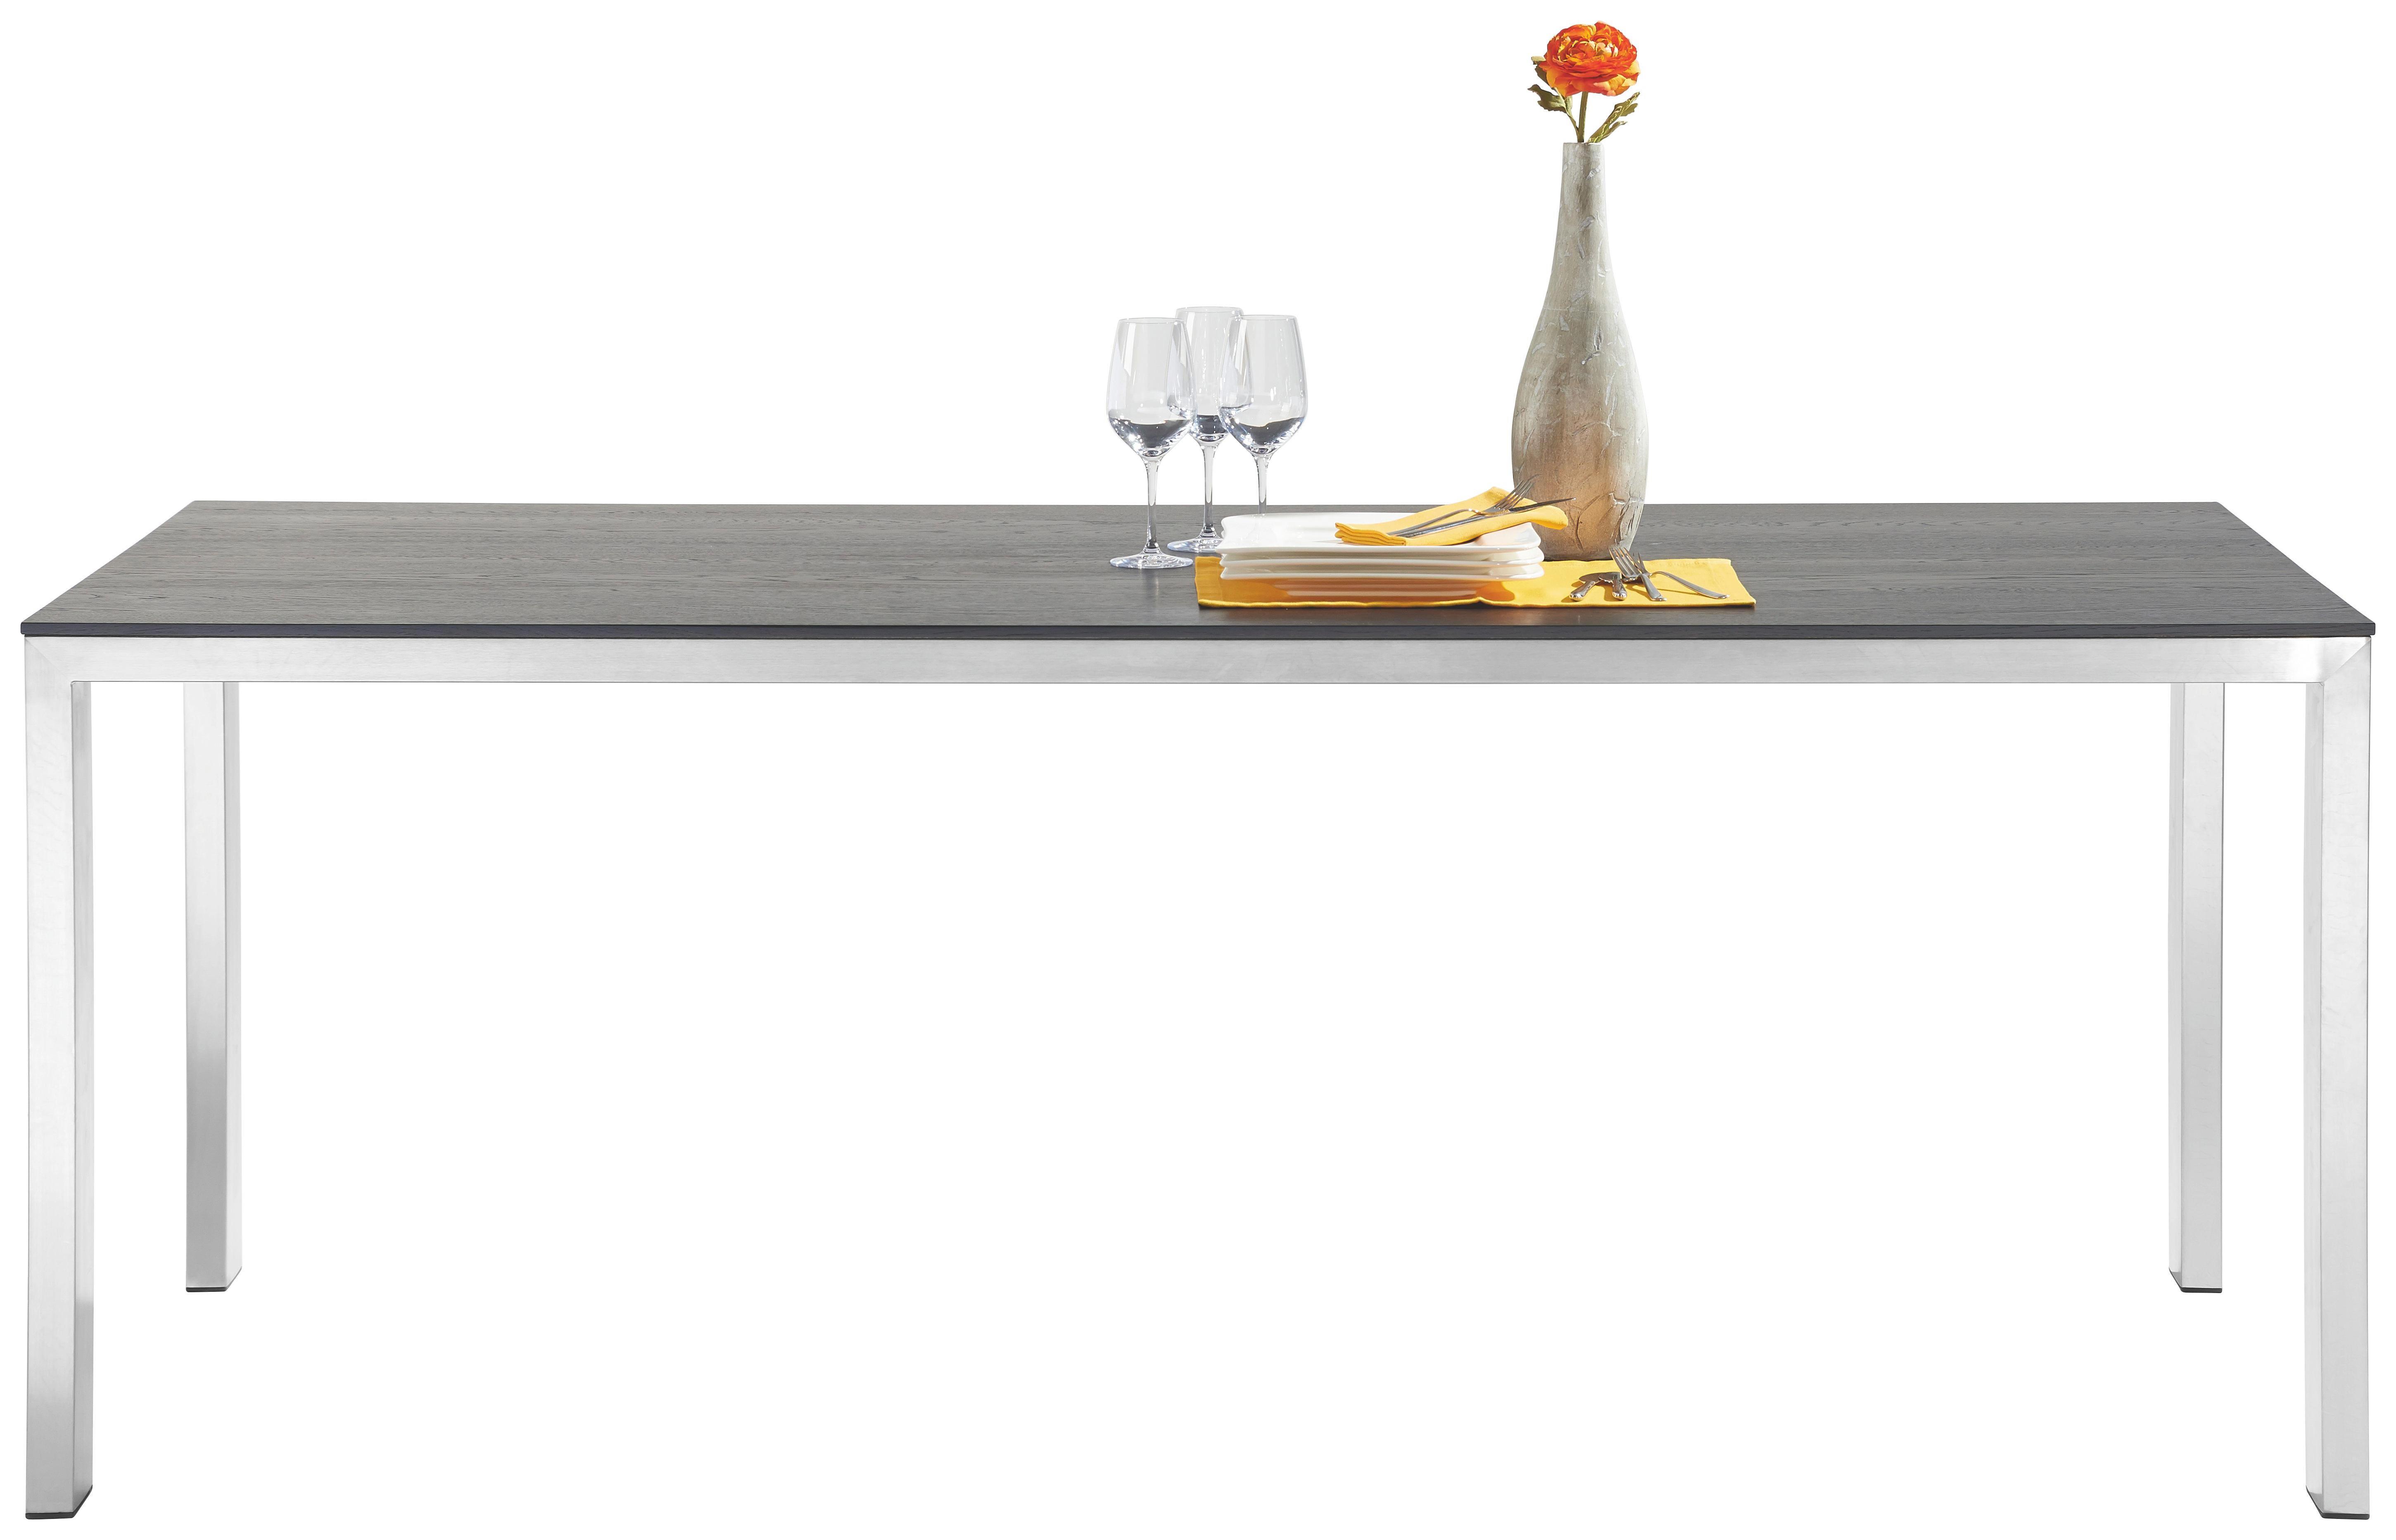 ESSTISCH Eiche massiv rechteckig Edelstahlfarben, Eichefarben - Edelstahlfarben/Eichefarben, Design, Holz/Metall (200/100cm) - MUSTERRING